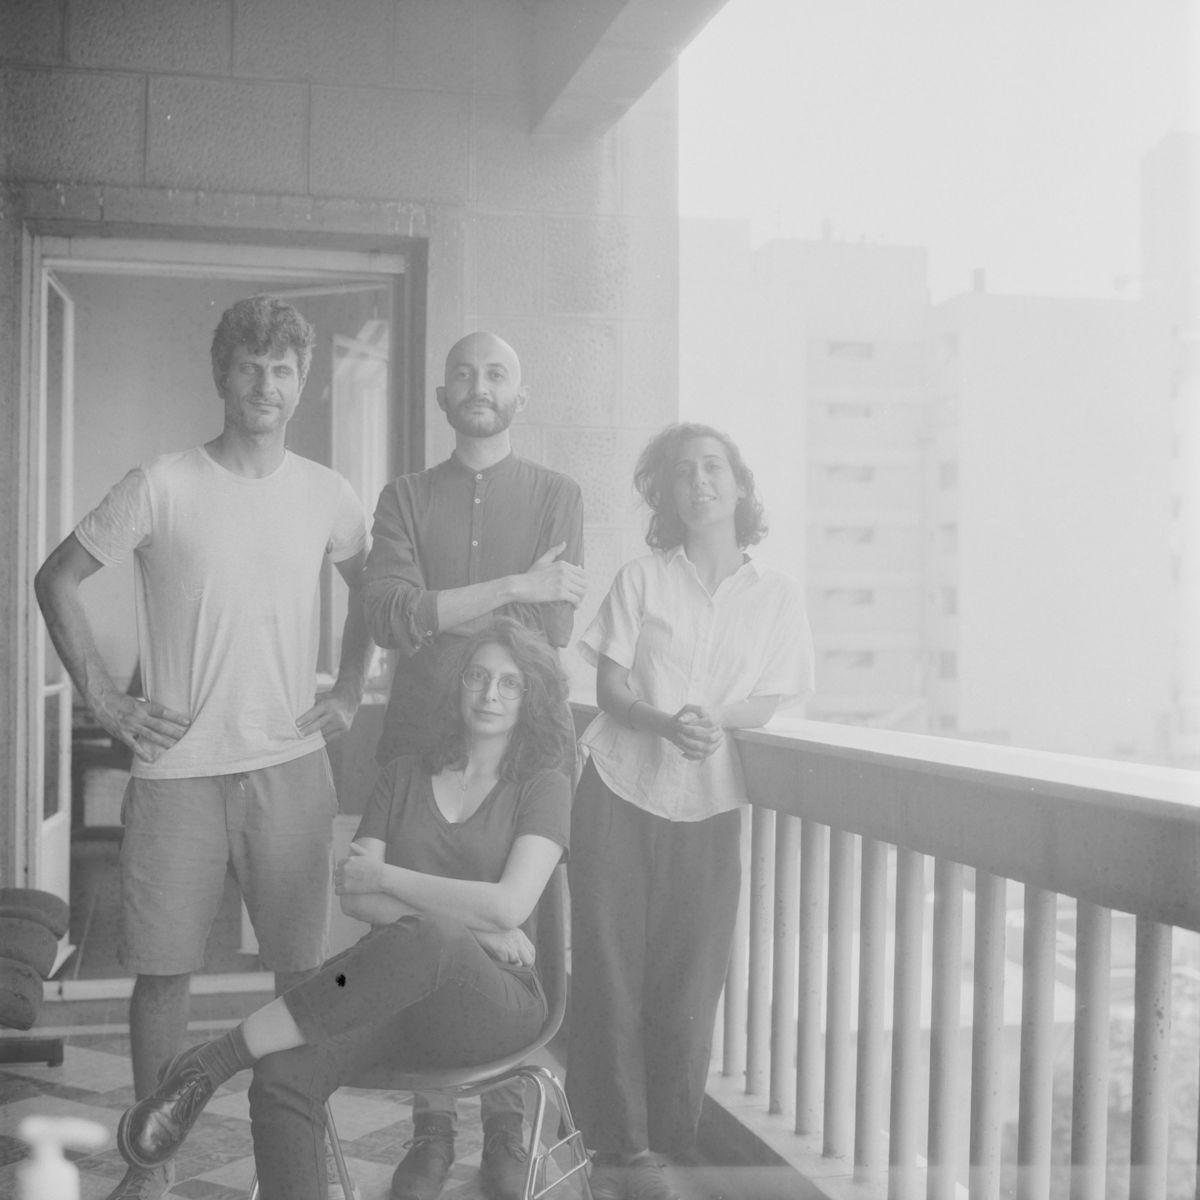 من اليسار إلى اليمين:پولغرّة، وعمر ذوابه، وموريل ن. قهوجي، وسينثيا زيدان أبو حسن.الصورة بعدسة پول غرّة والتقطتها هبة الحاج فيلدر.